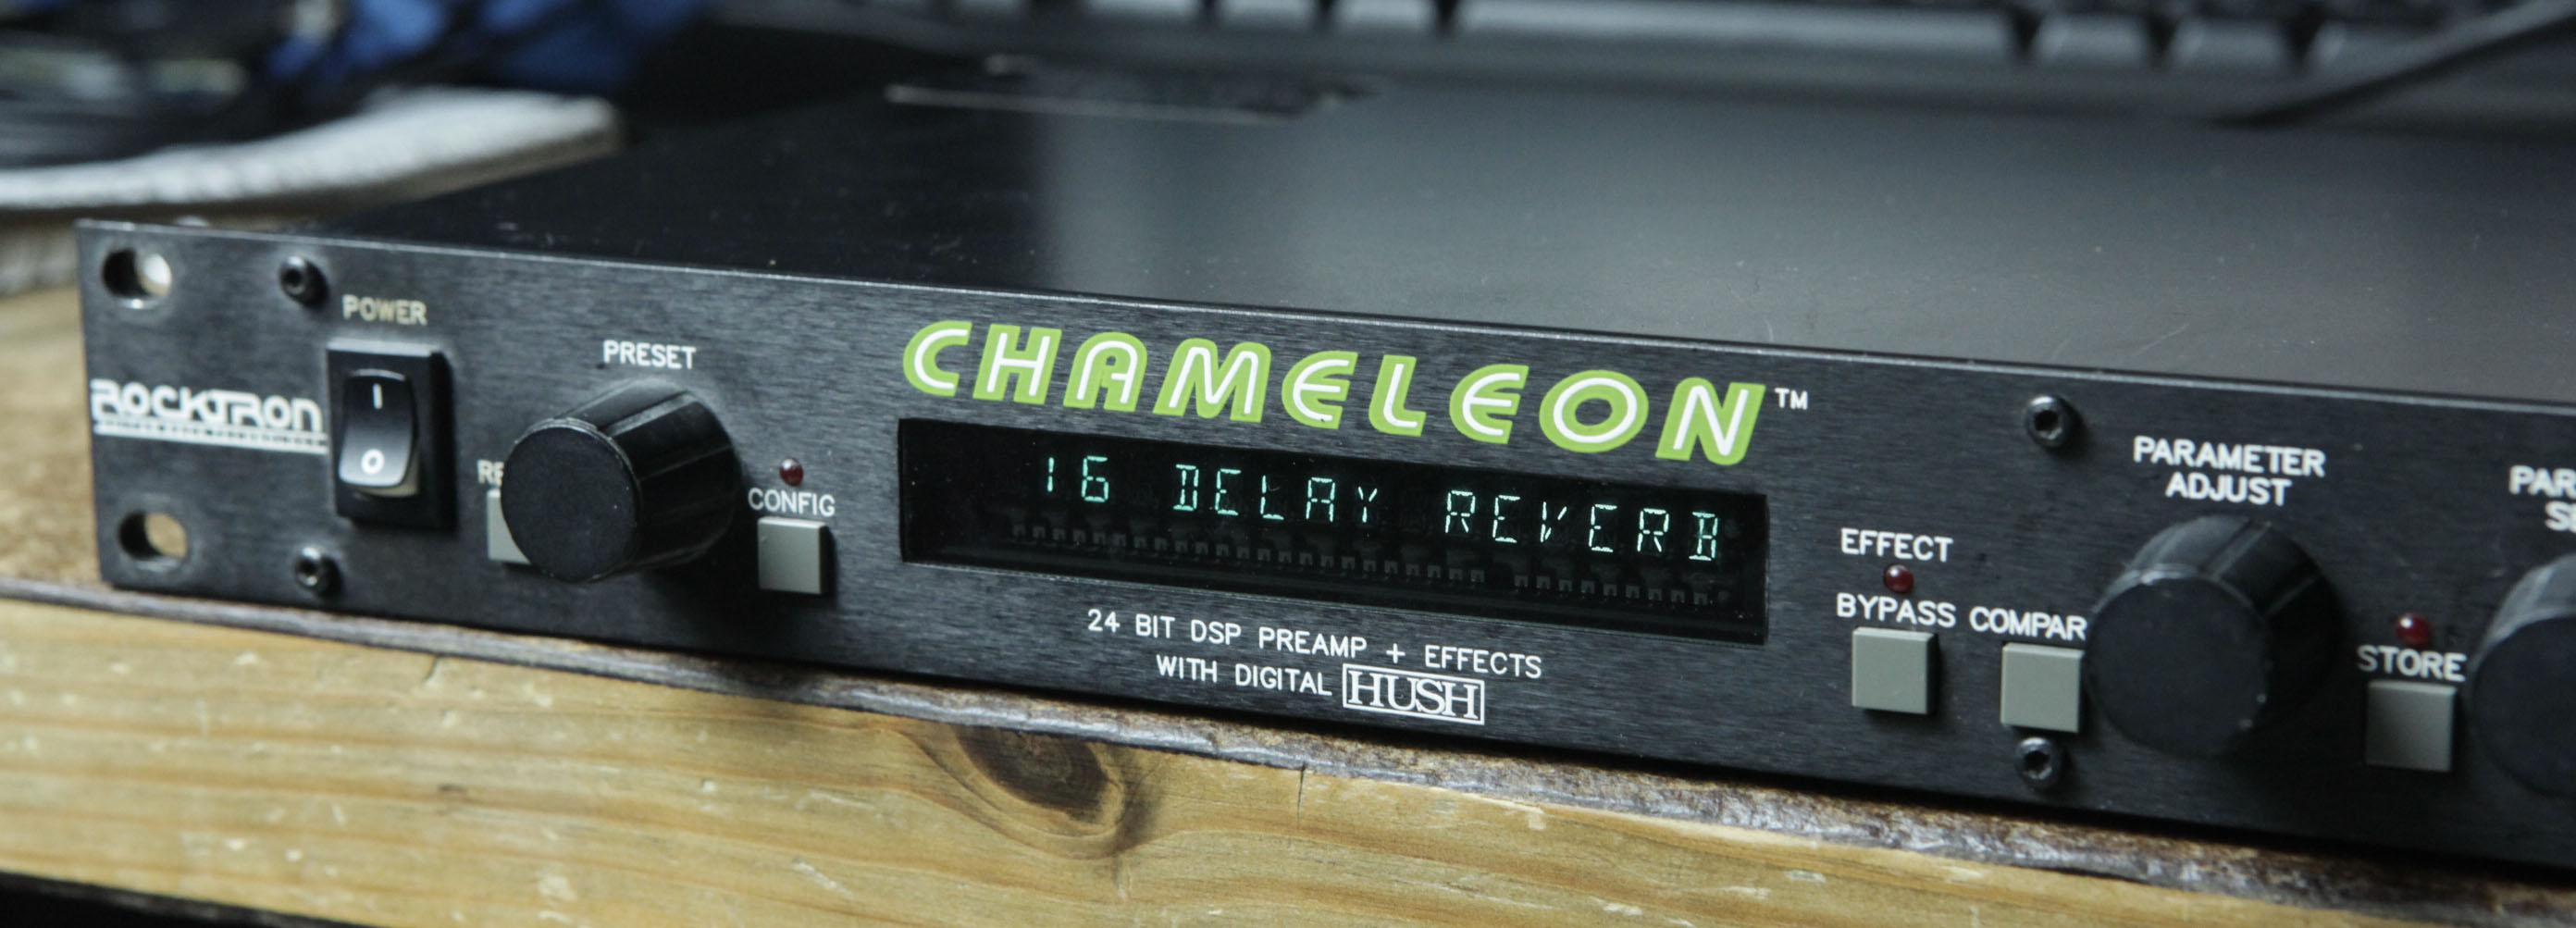 rocktron-chameleon-626014.jpg (2784×1003)